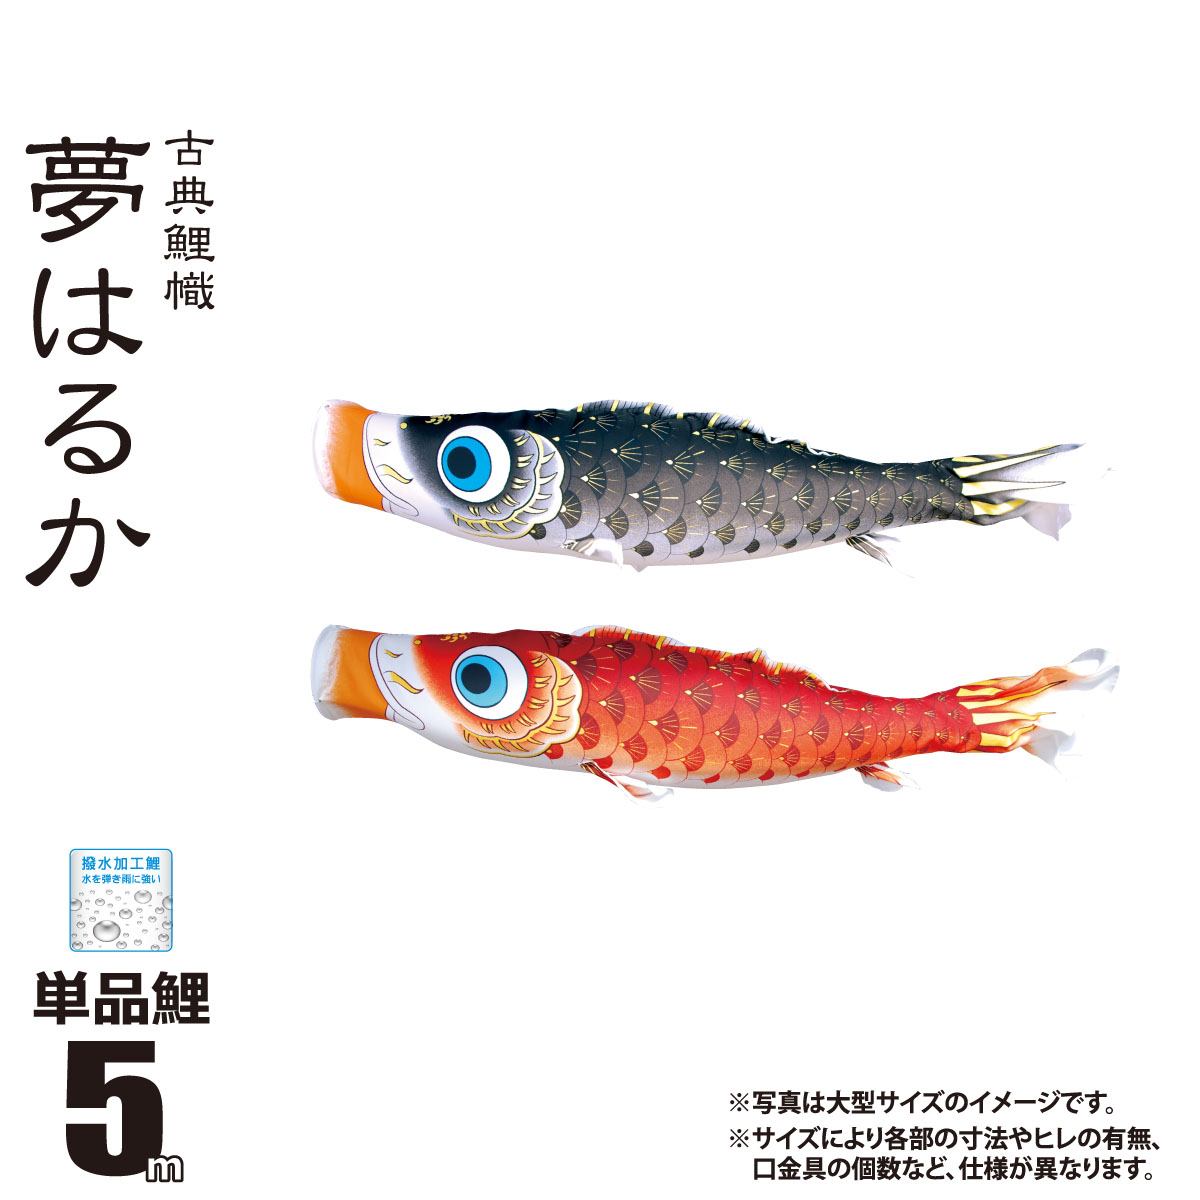 鯉のぼり 単品 一匹単位夢はるか 単品鯉のぼり 5m 口金具付きカラー:黒鯉/赤鯉ポリエステルメロンアムンゼン生地 撥水(はっ水)加工徳永鯉のぼり こいのぼり KOI-TPK-001-635 送料無料 ※北海道 沖縄除く